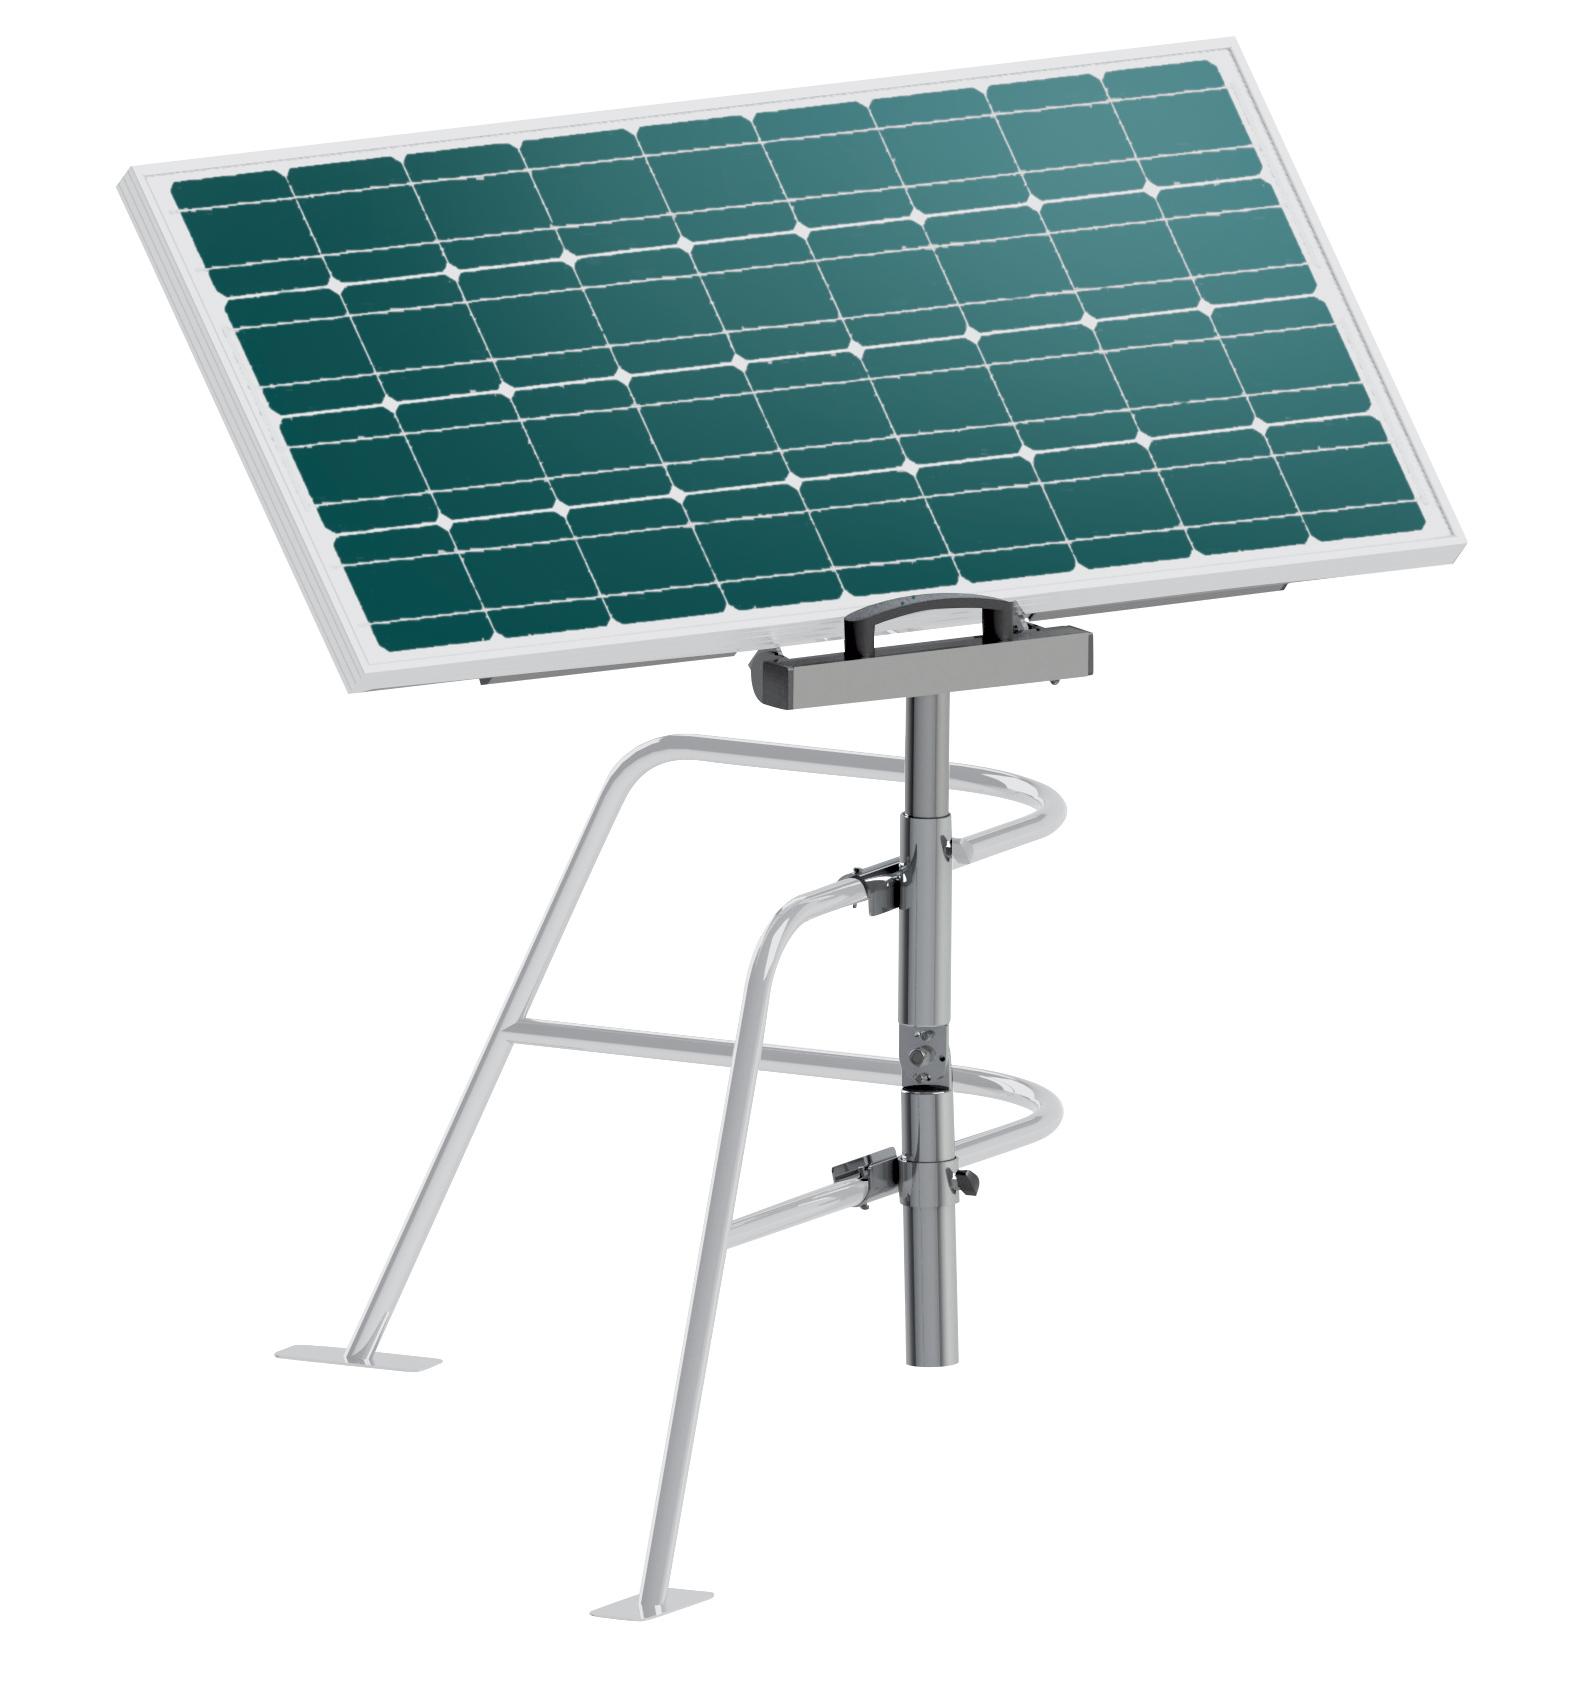 SCNA solar, fabricant franais de panneaux photovoltaques et